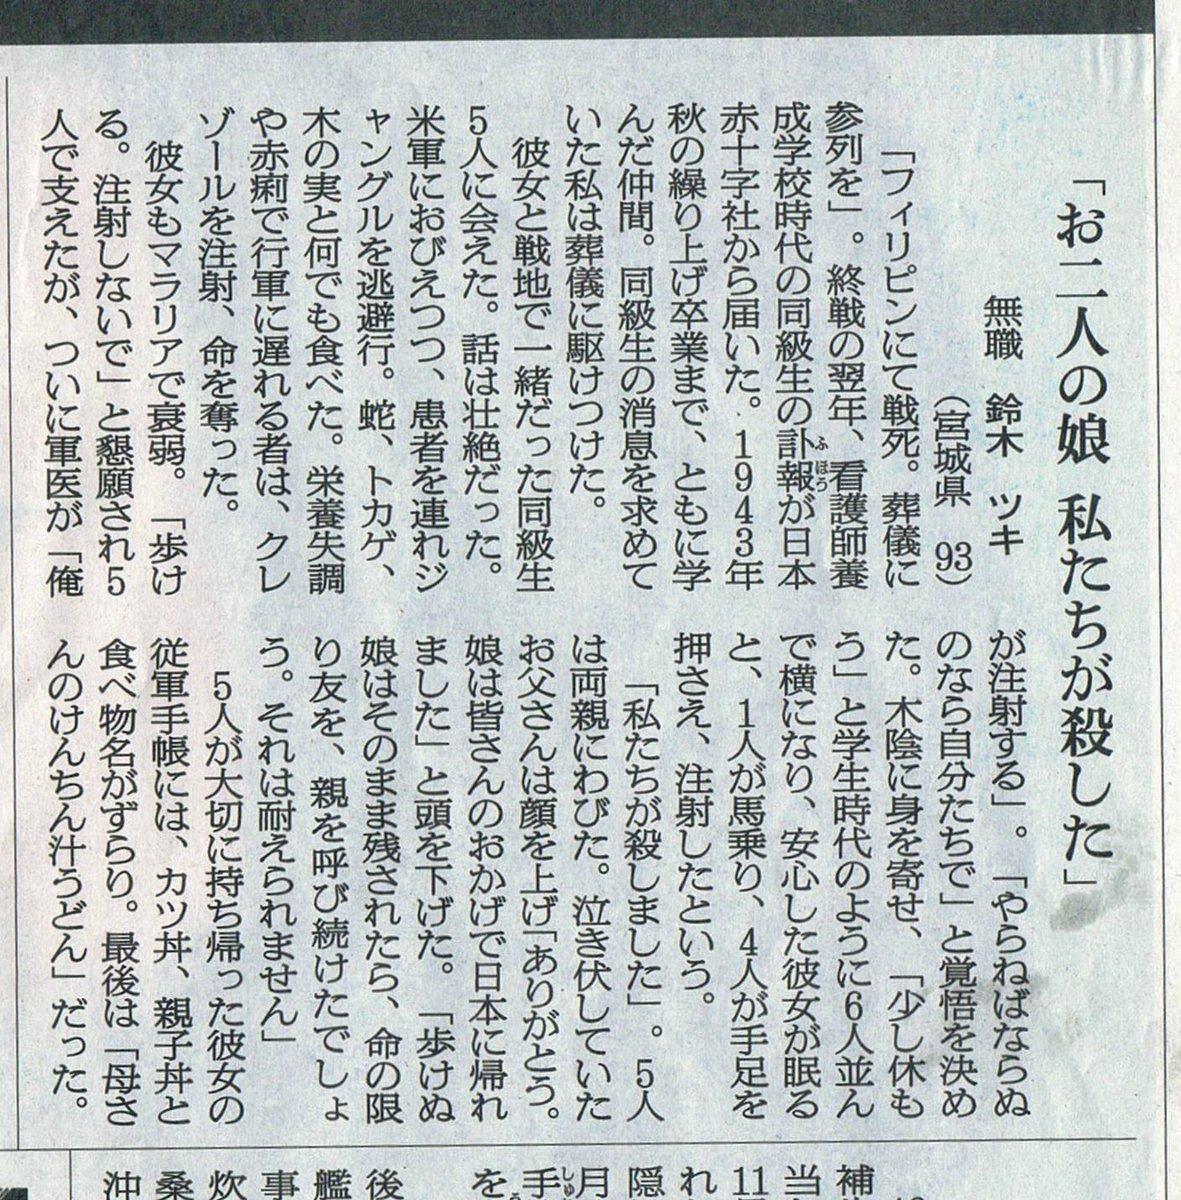 本日の朝日新聞「声 語りつぐ戦争」より まず 「お二人の娘 私たちが殺した」